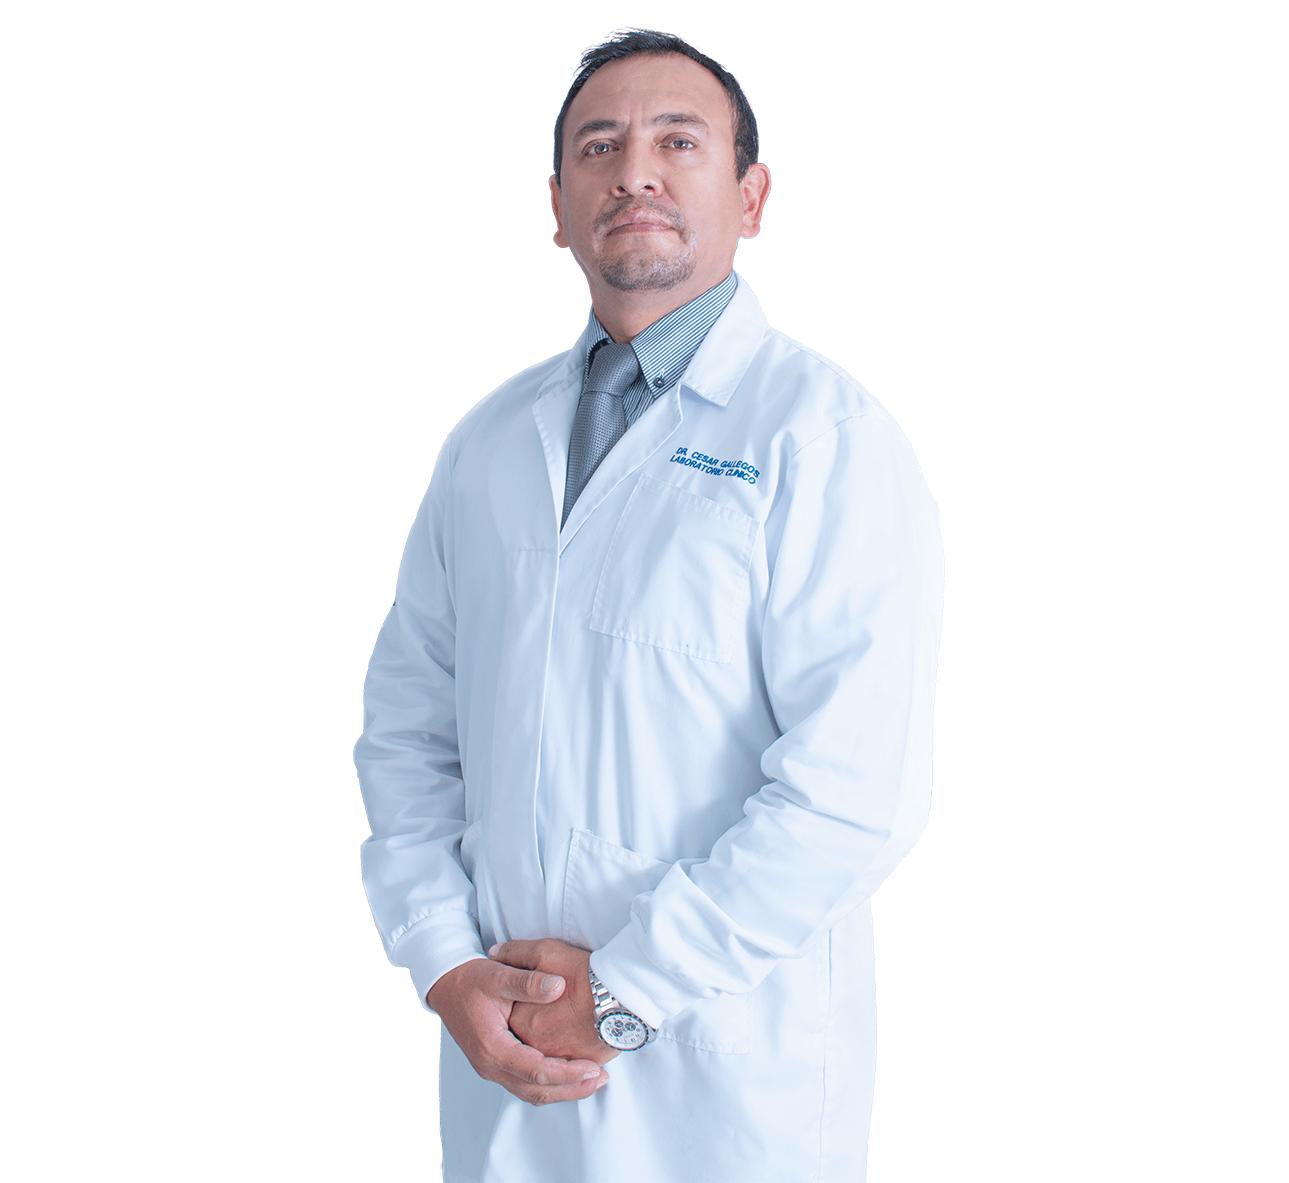 Neolab_laboratorio_clínico_personal_dr_cesar_gallegos